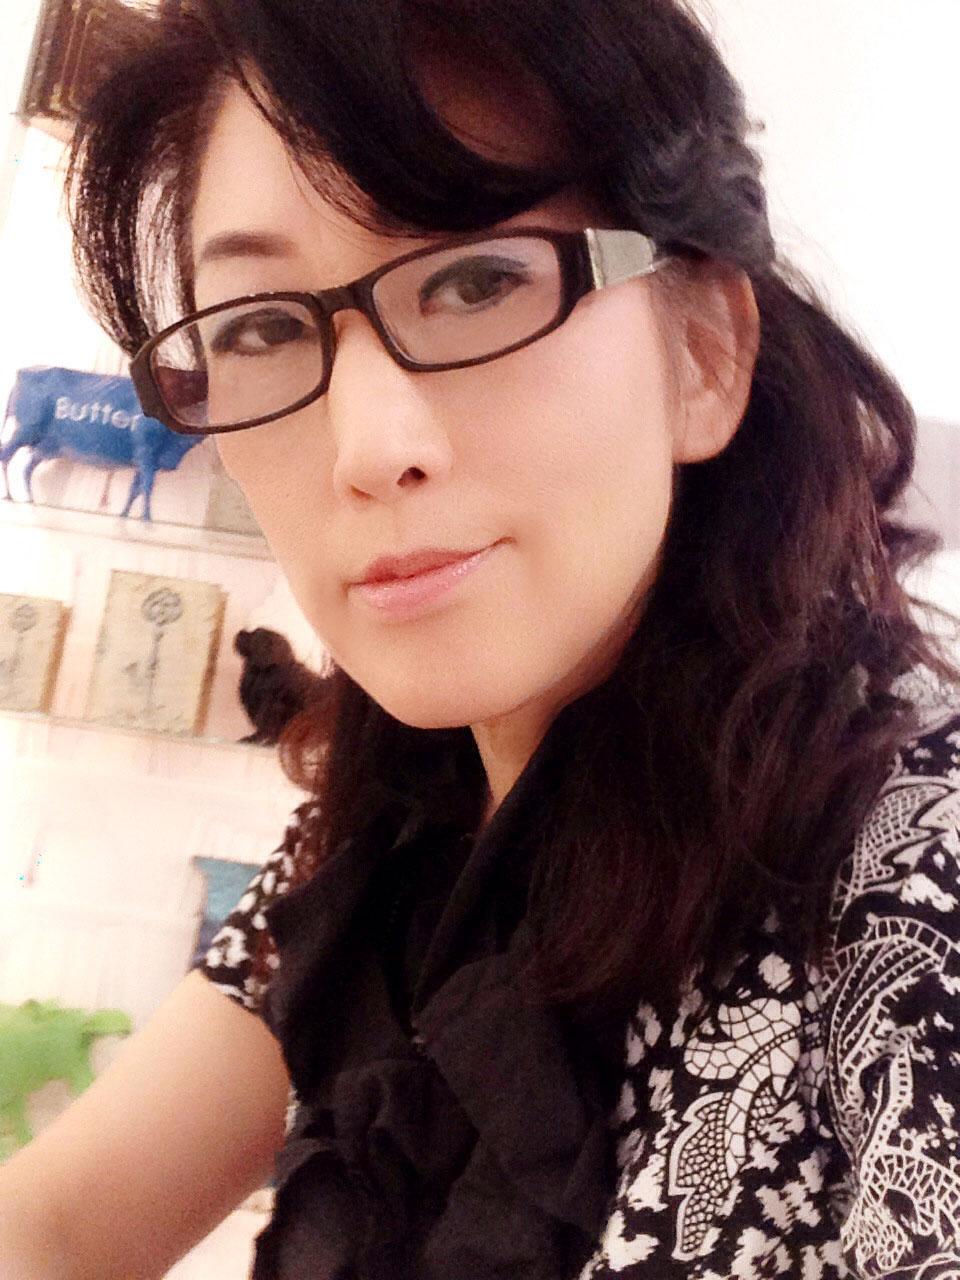 洋子顔写真5byT